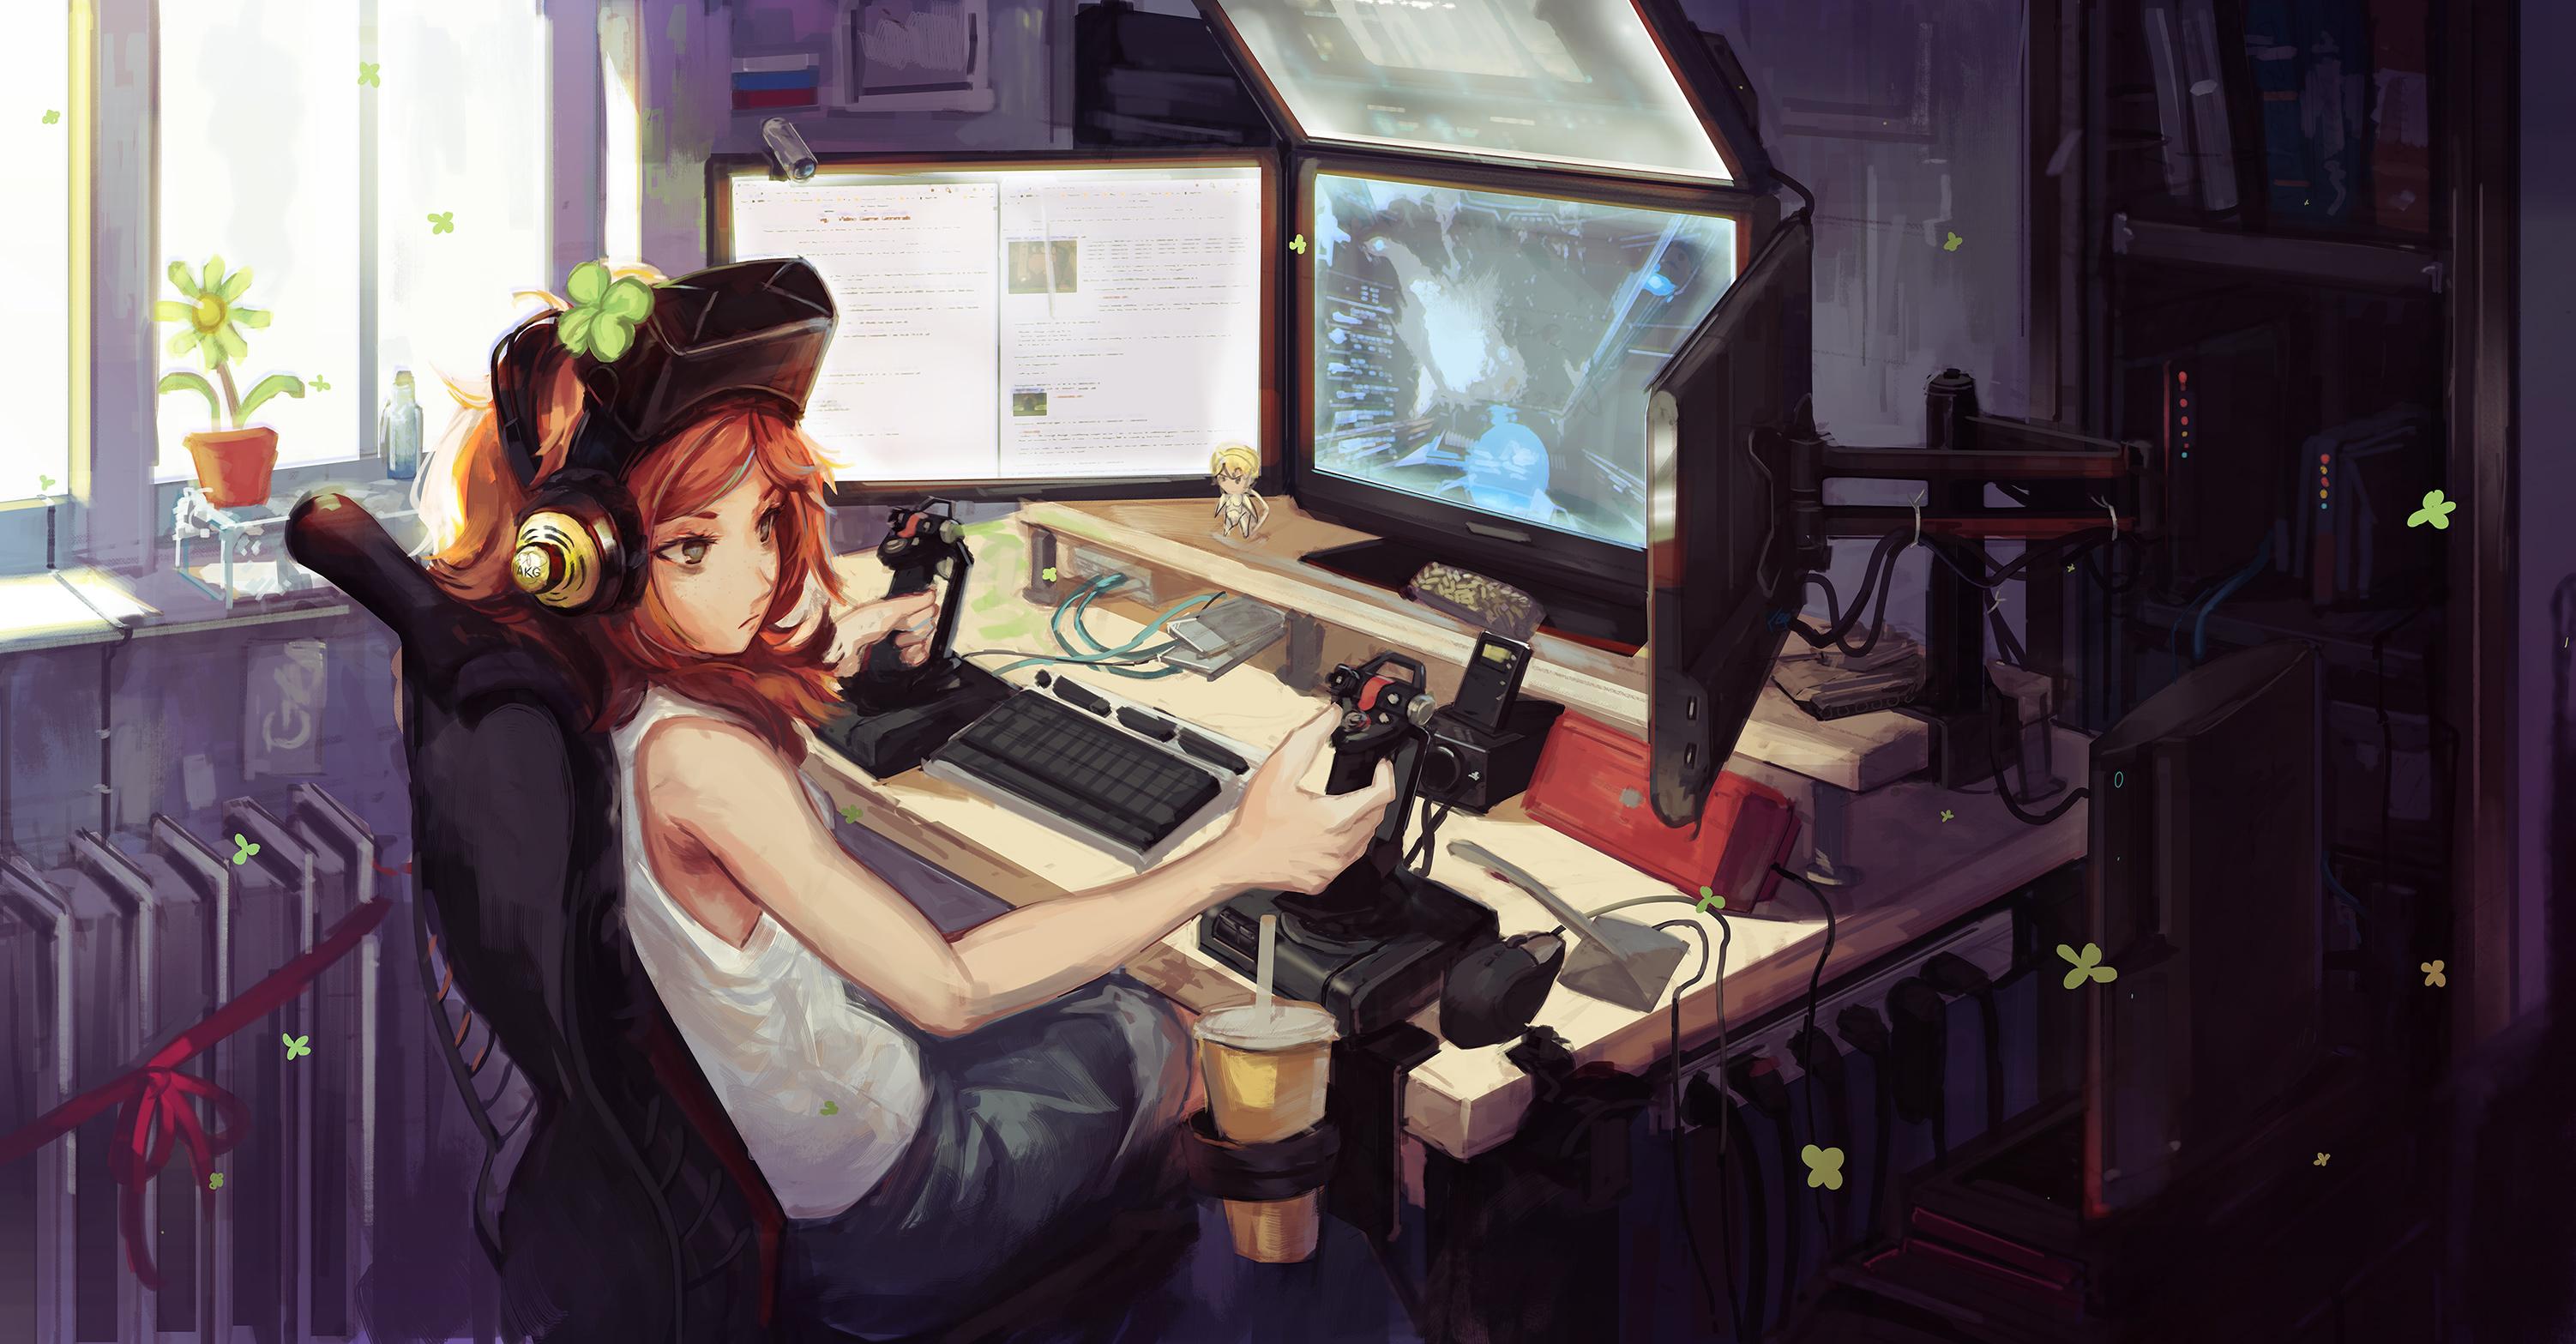 Gamer James Room